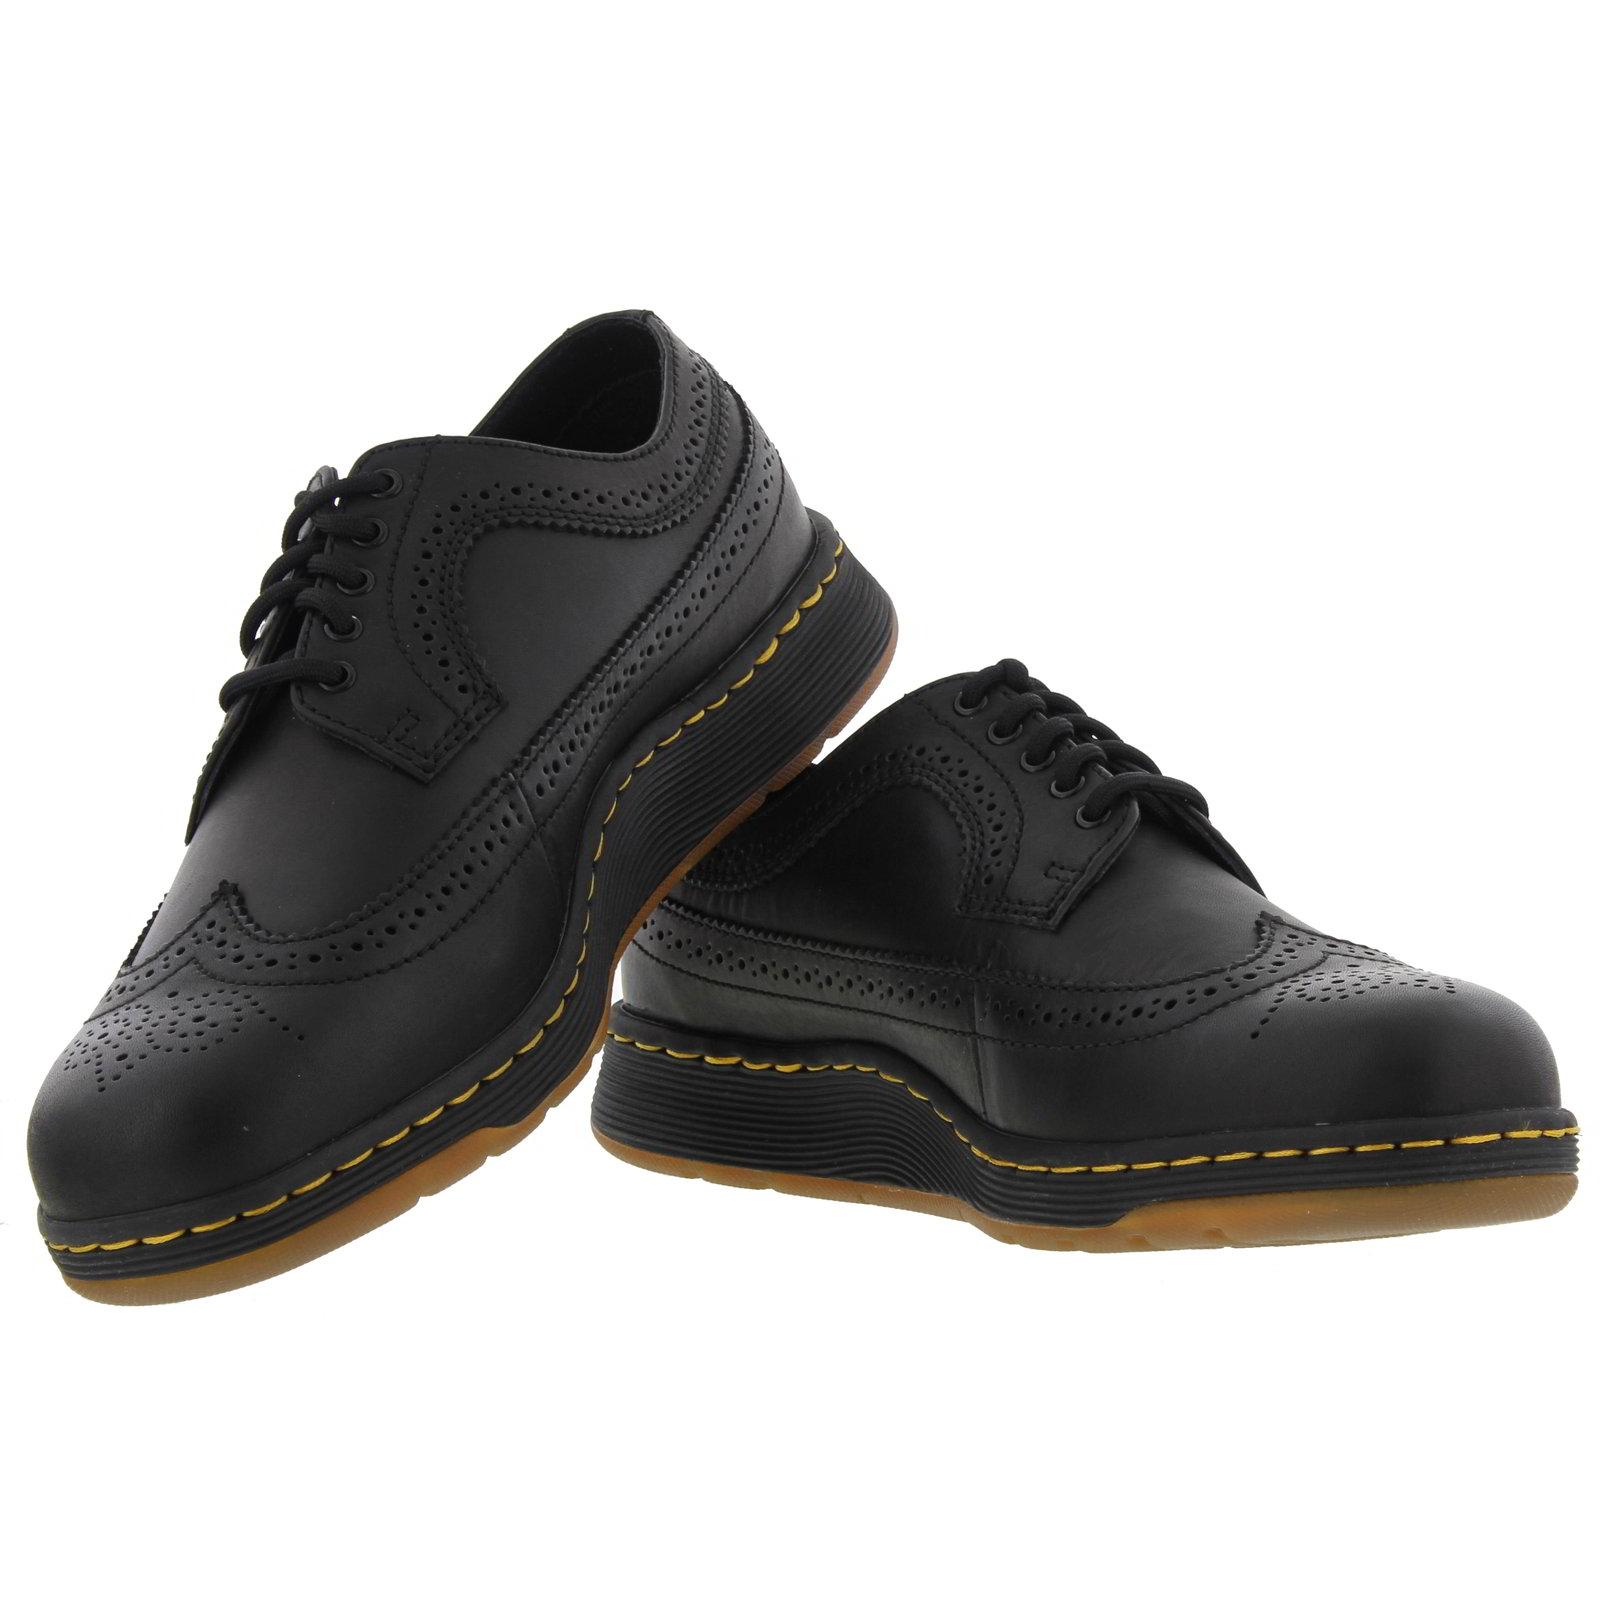 dr martens gabe wingtip brogue mens black leather shoes. Black Bedroom Furniture Sets. Home Design Ideas